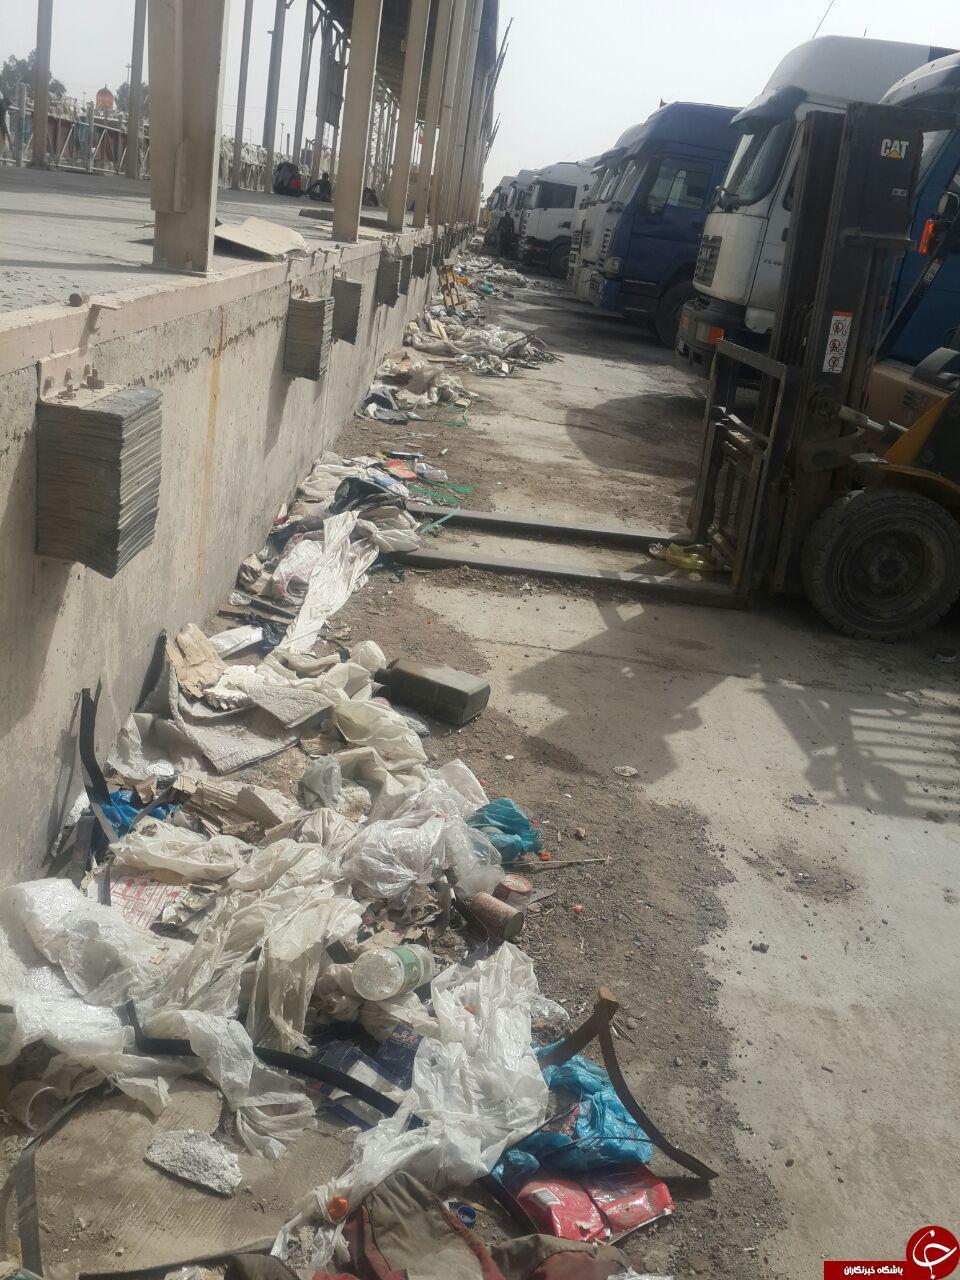 گلایه رانندگان از وضعیت پایانه مرزی ایران - عراق + تصاویر